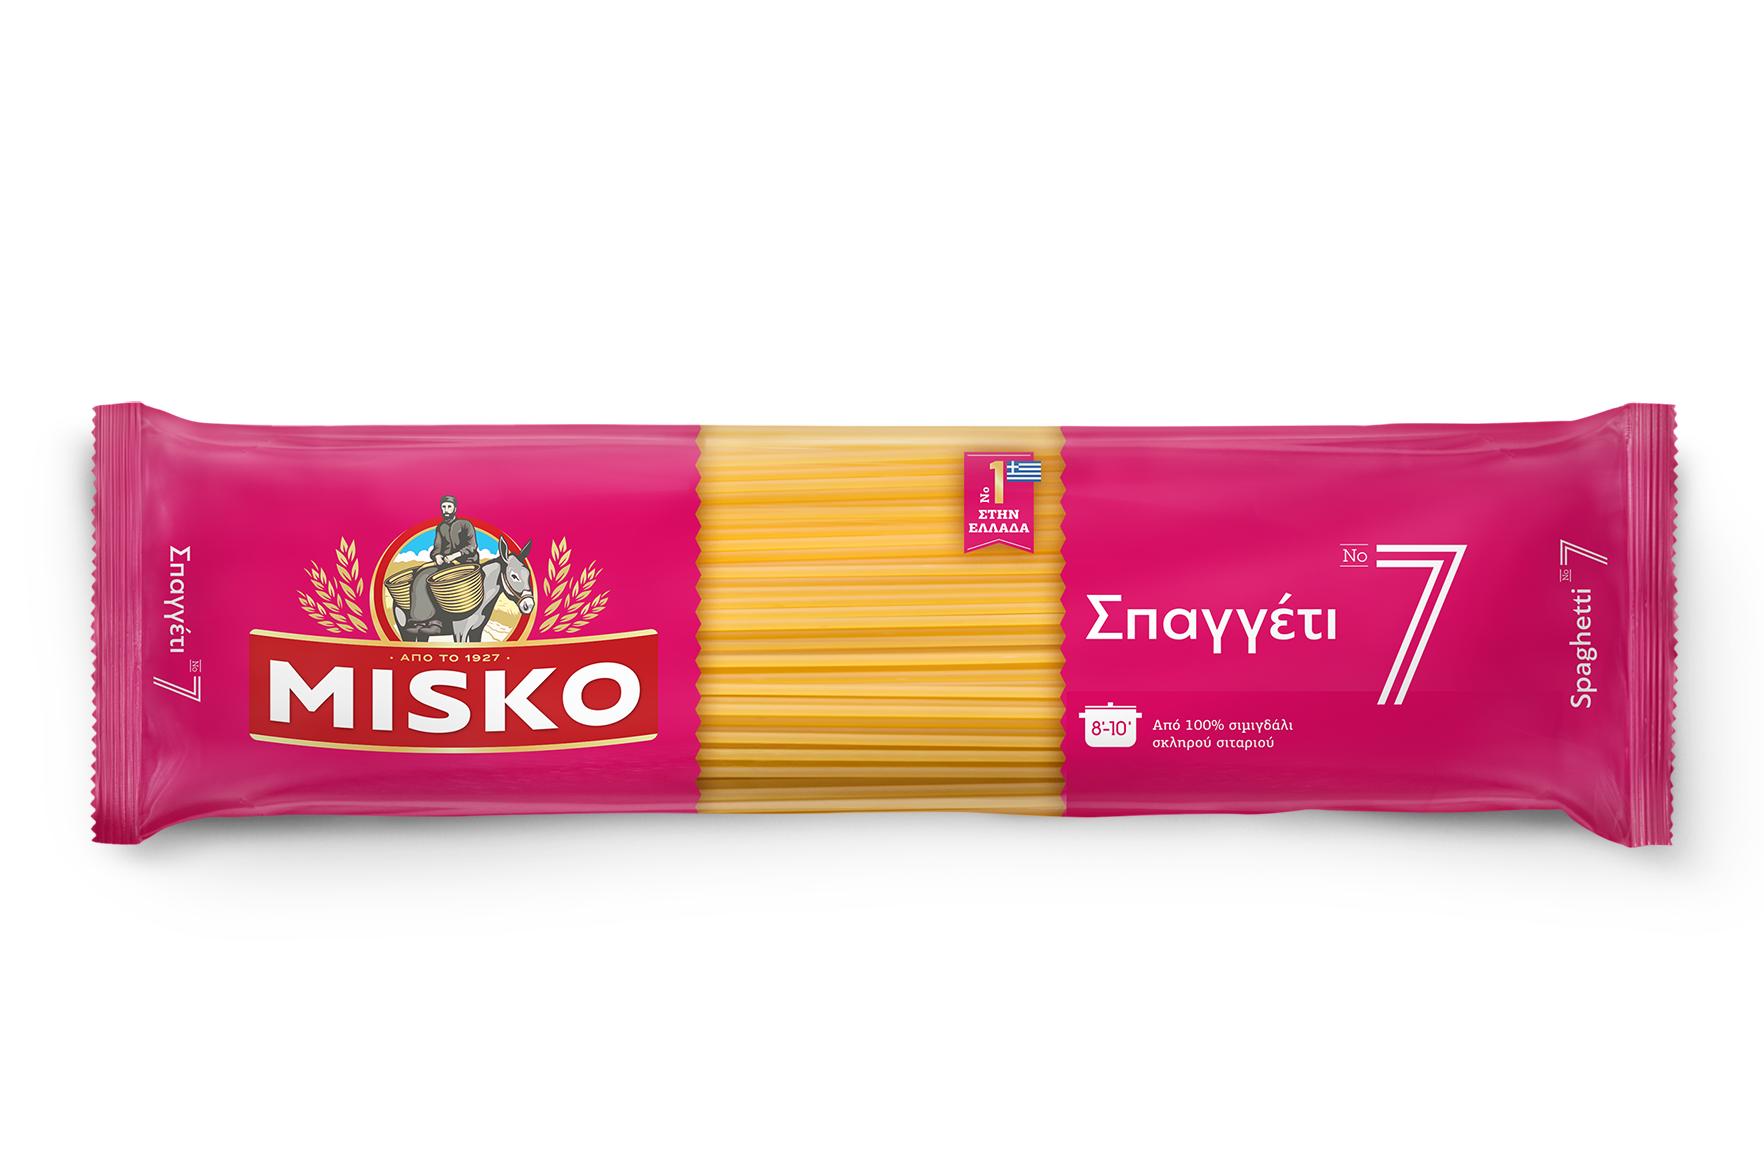 Σπαγγέτι Νο 7 Misko (4x500g) 3+1 Δώρο